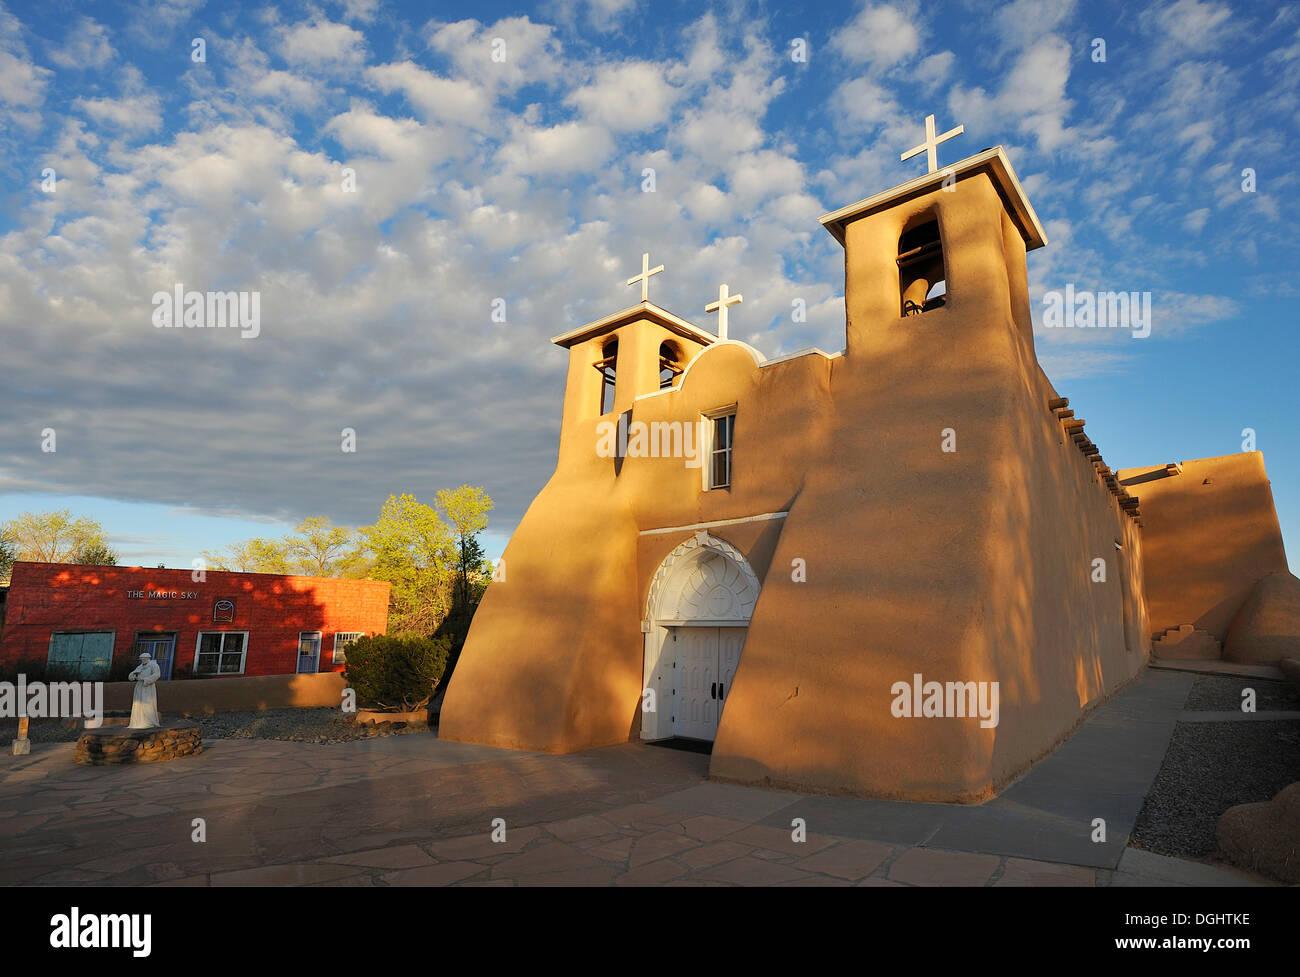 Arquitectura de adobe, Iglesia de San Francisco de Asís, ranchos de Taos, Nuevo México, EE.UU. Imagen De Stock